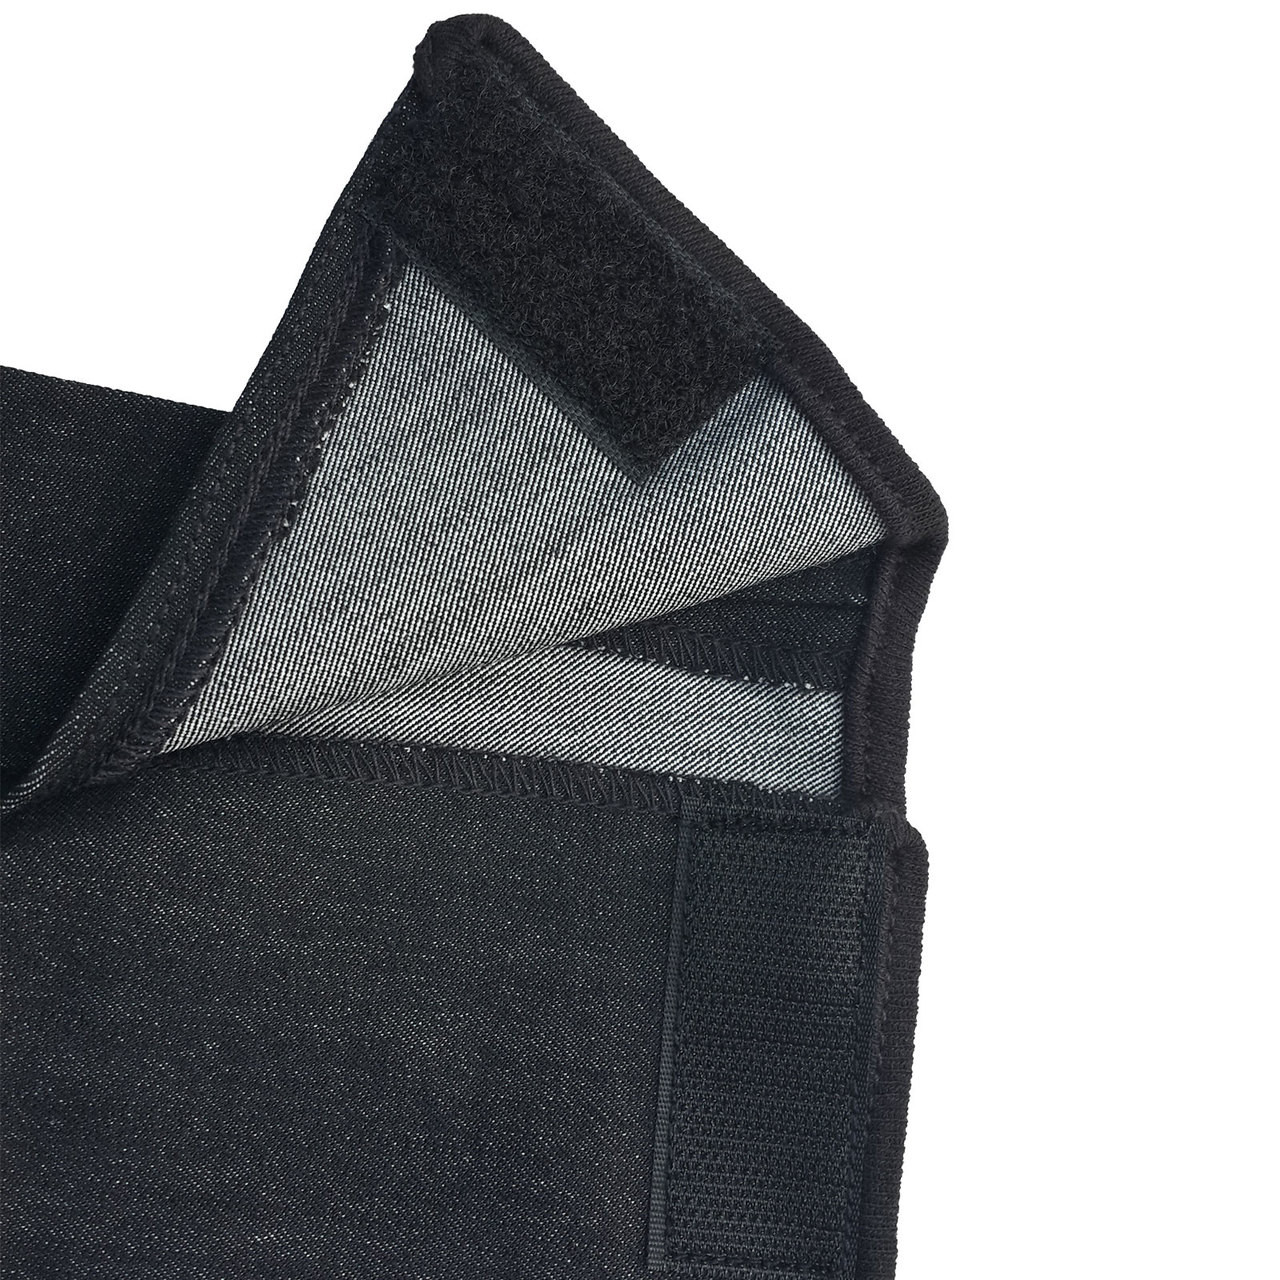 Black Denim Contrast Clarino Full Seat Ladies Horse Riding Breeches